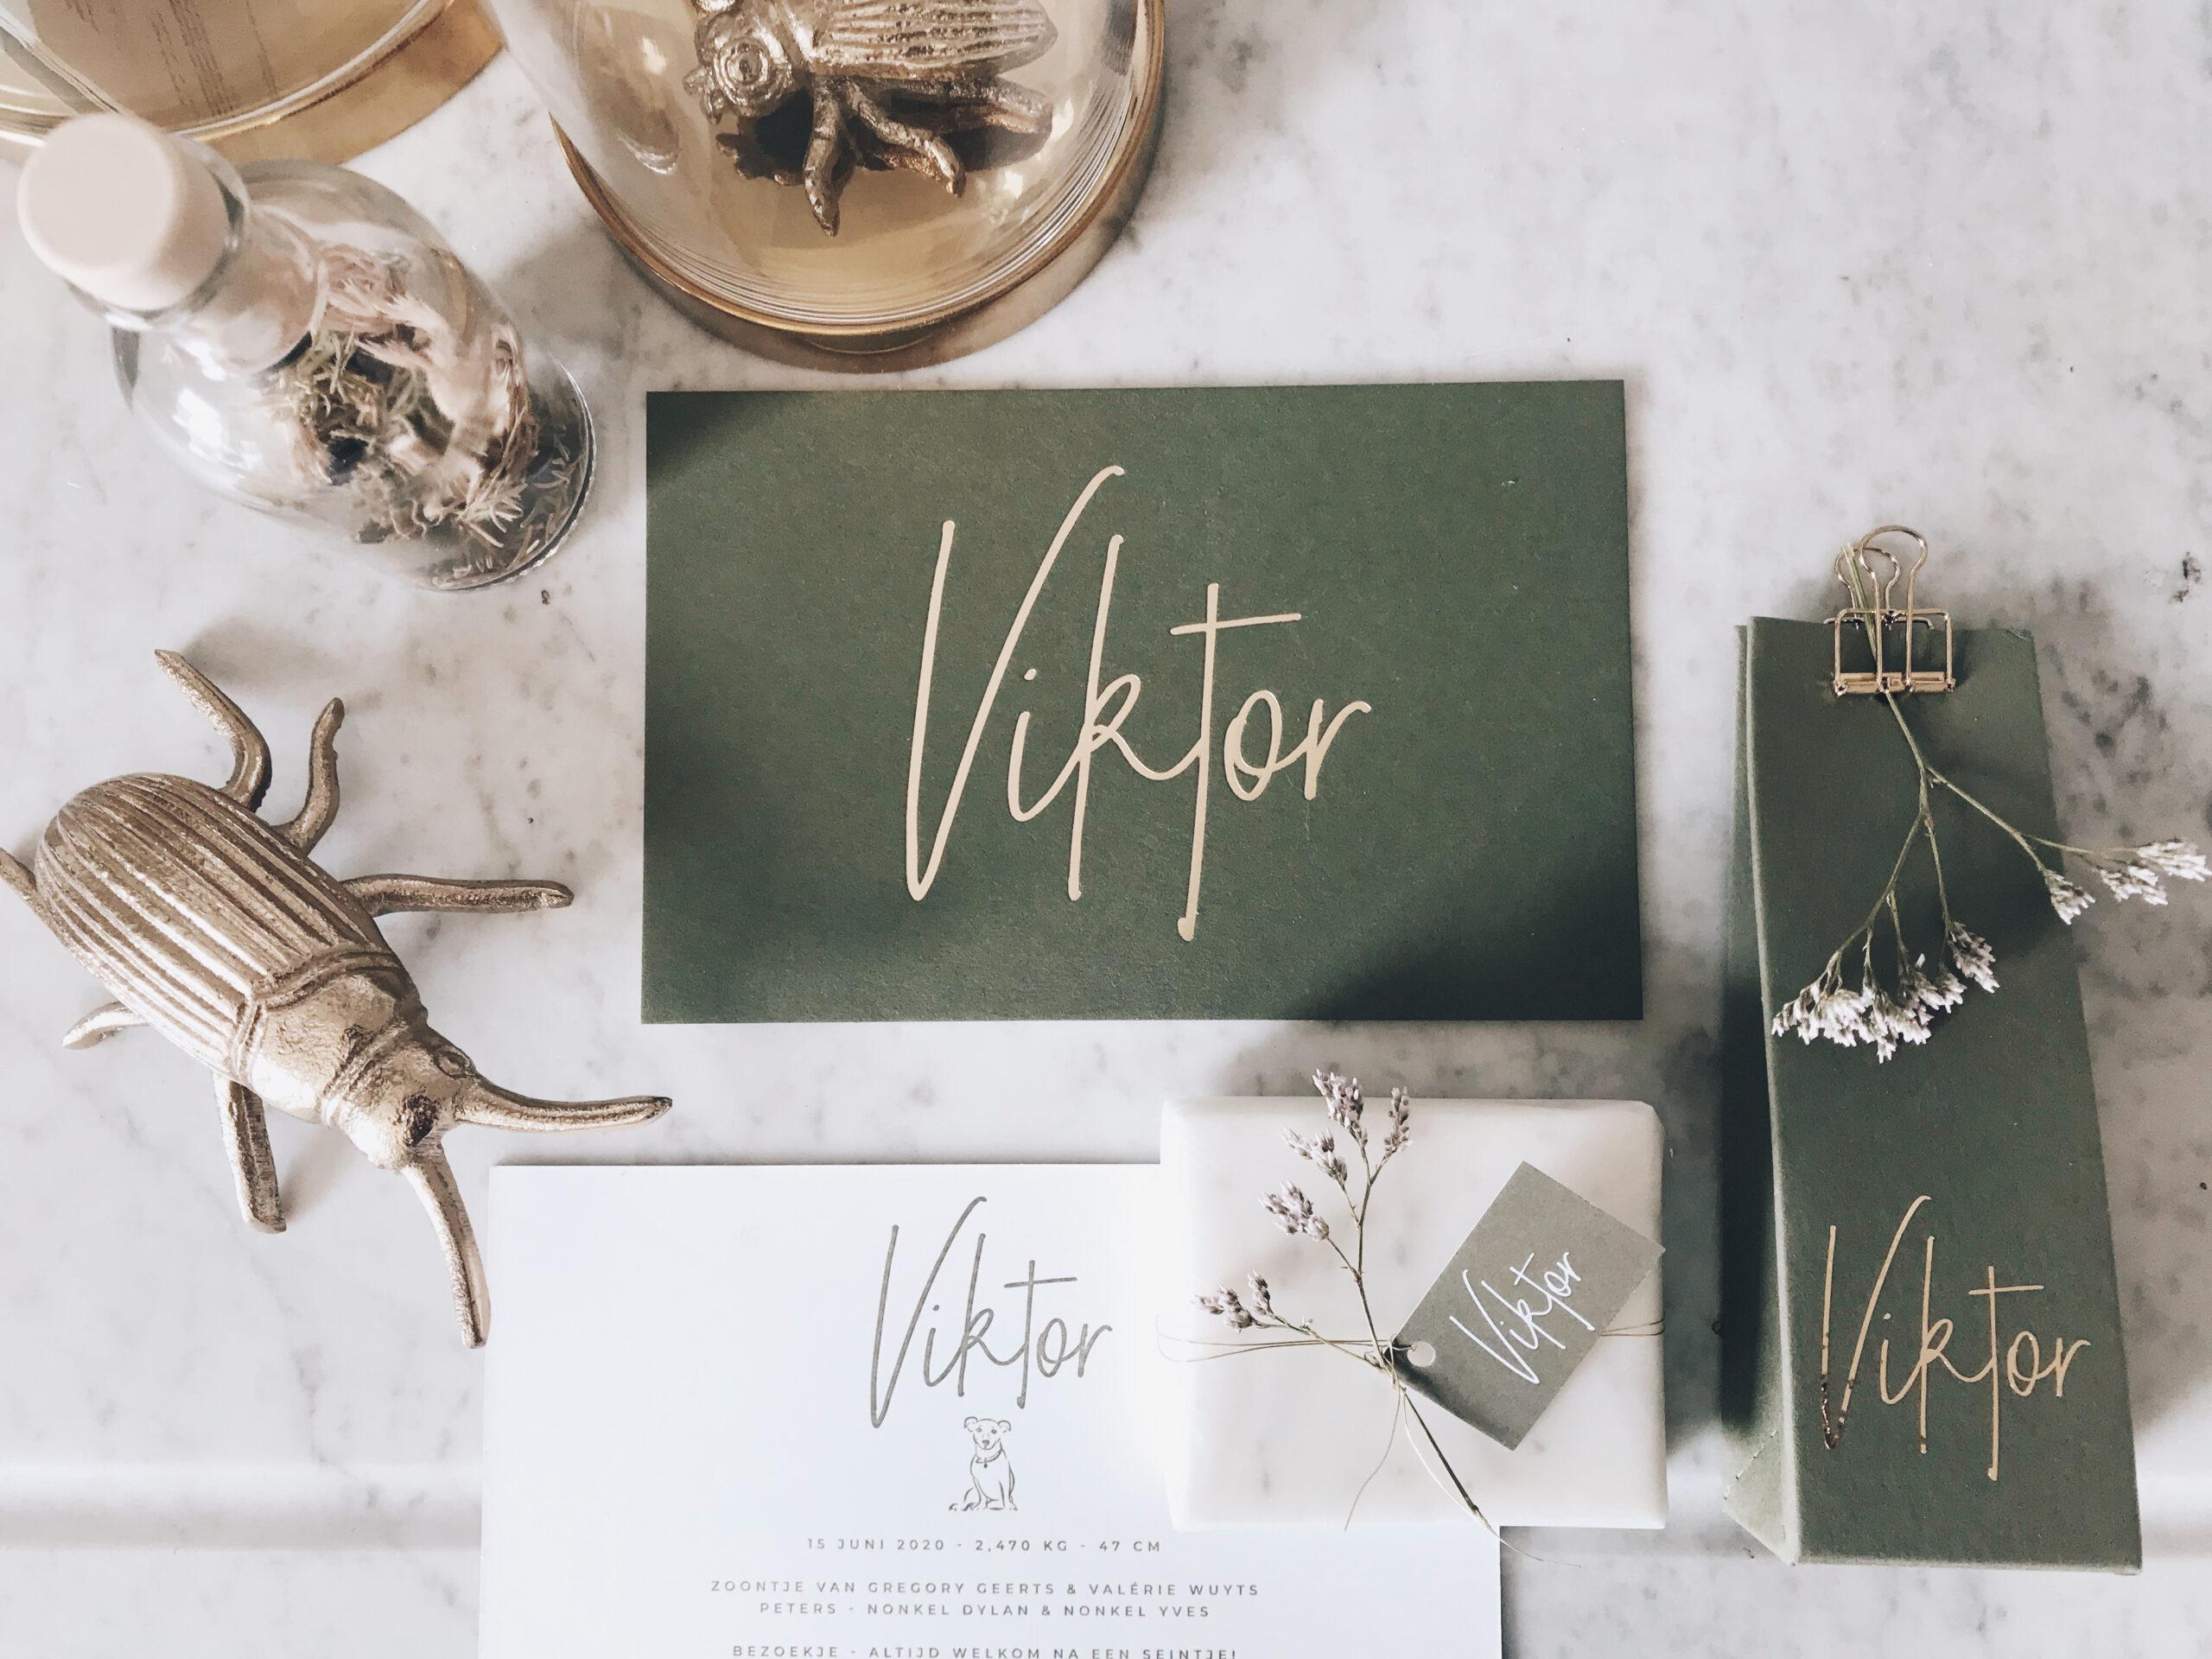 Geboortekaartje Viktor, olijfgroen, mat goud, goudfolie, letterpress hotfoil, handlettering, groen, zeepjes, studio Mustique, Studio Blanche, hondje